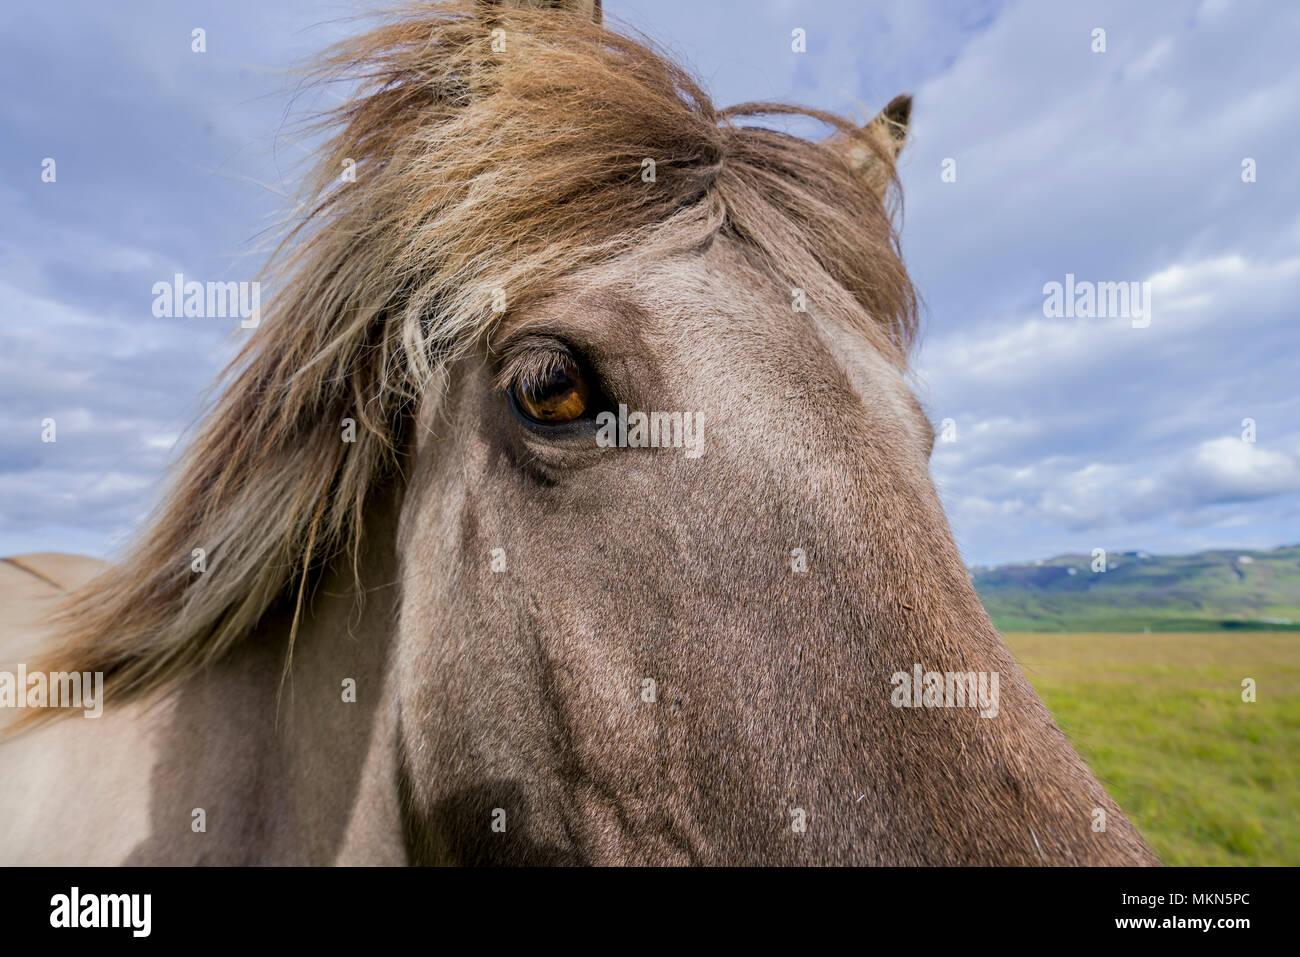 Close-up of Icelandic Horse, Iceland - Stock Image